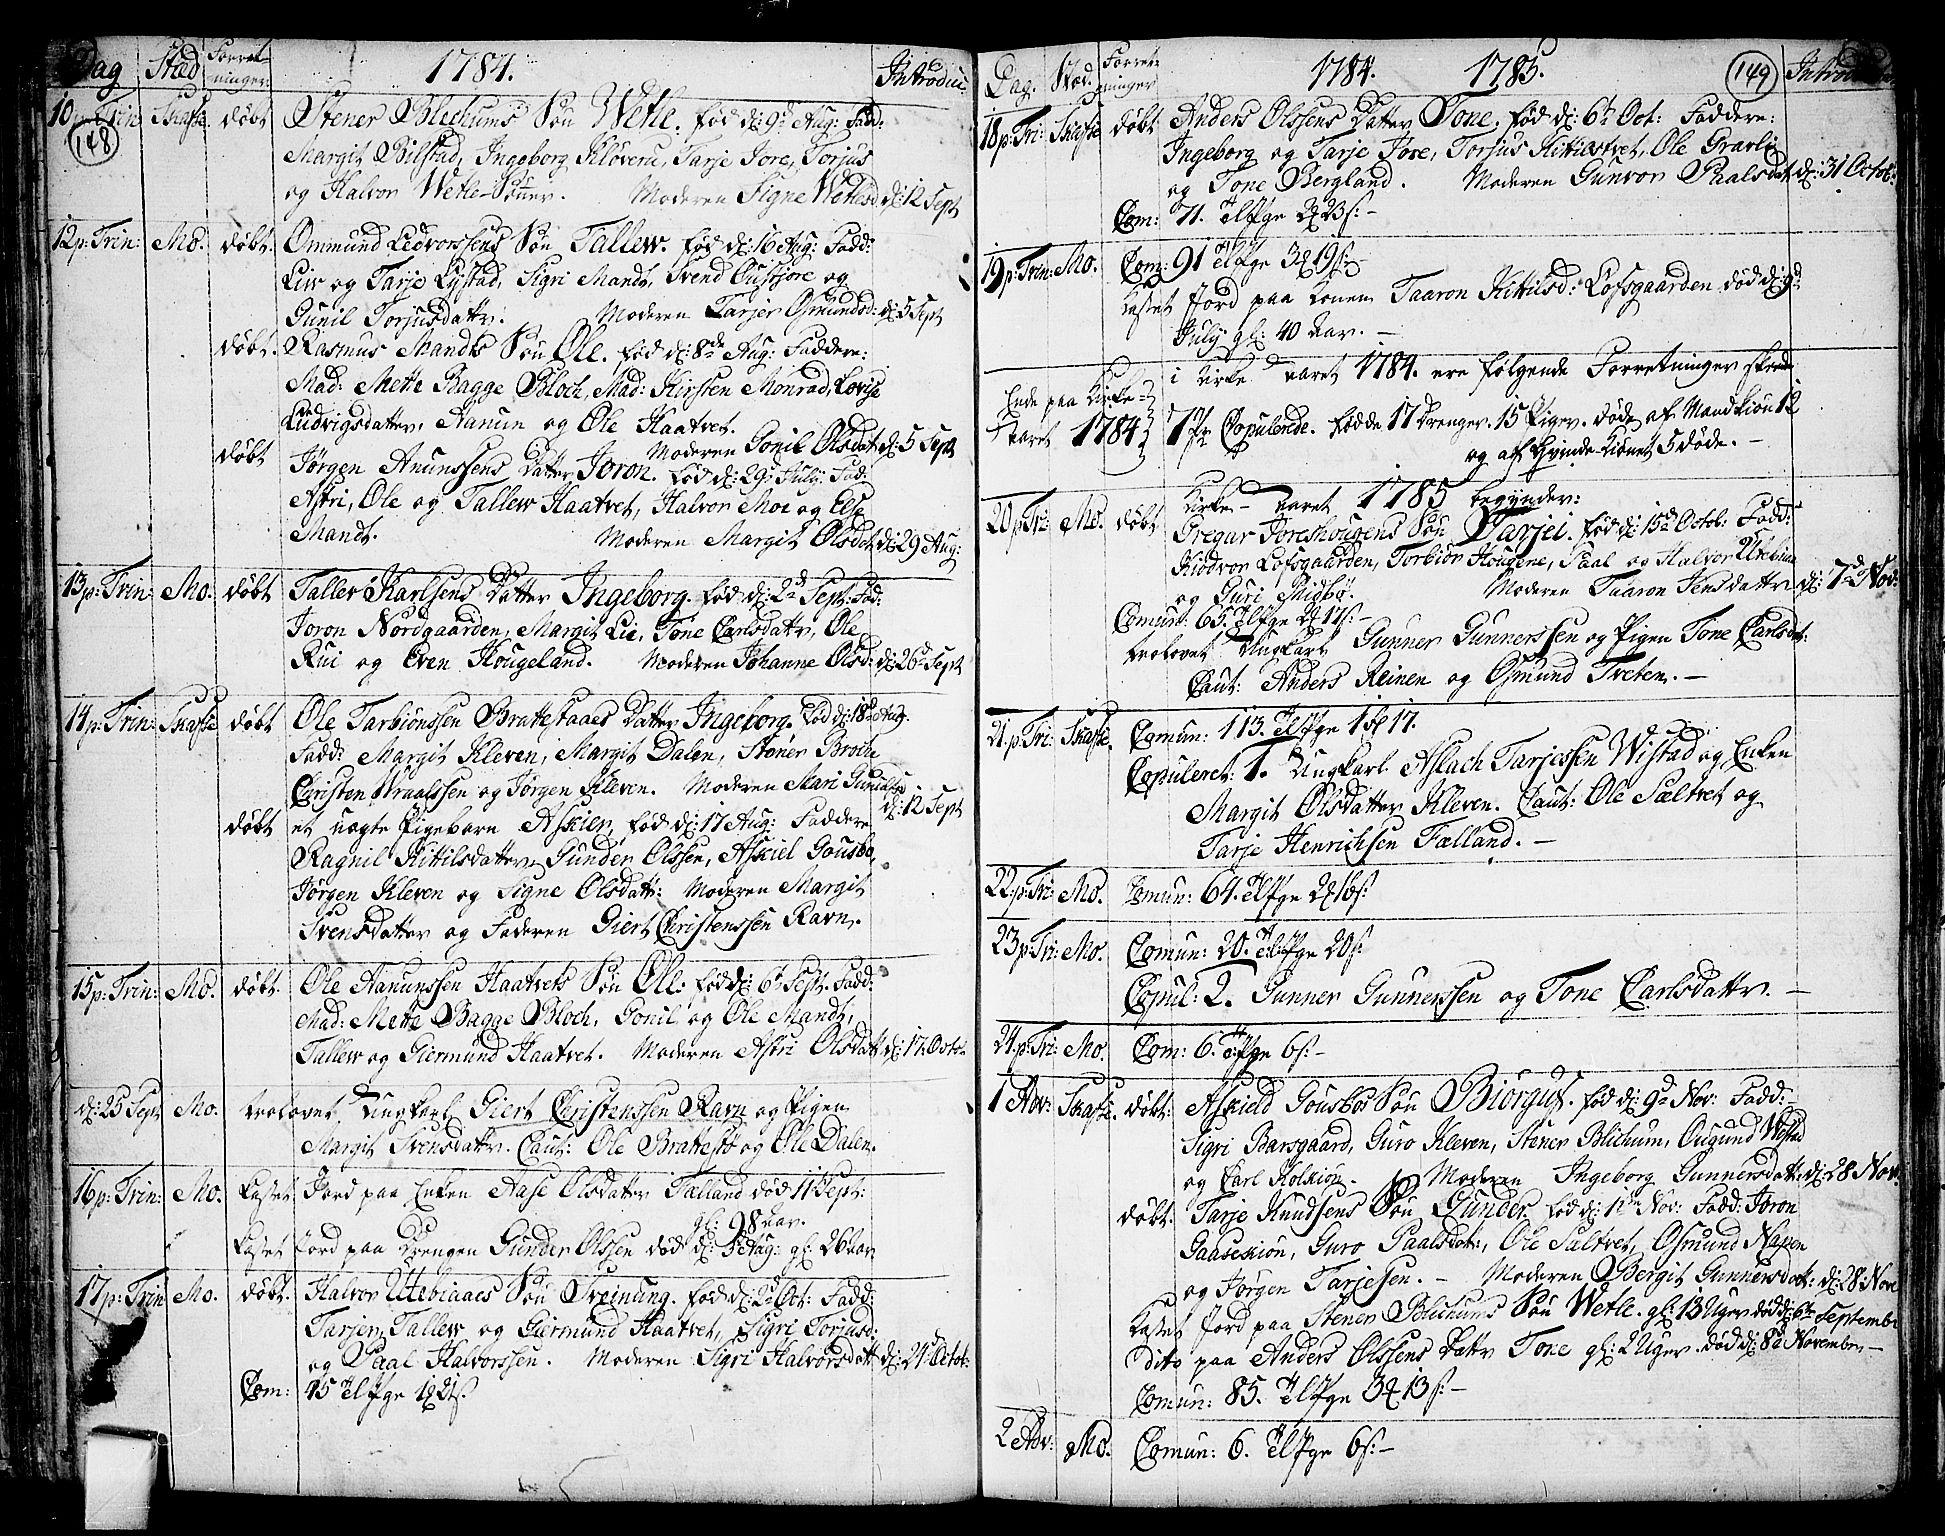 SAKO, Mo kirkebøker, F/Fa/L0002: Ministerialbok nr. I 2, 1766-1799, s. 148-149